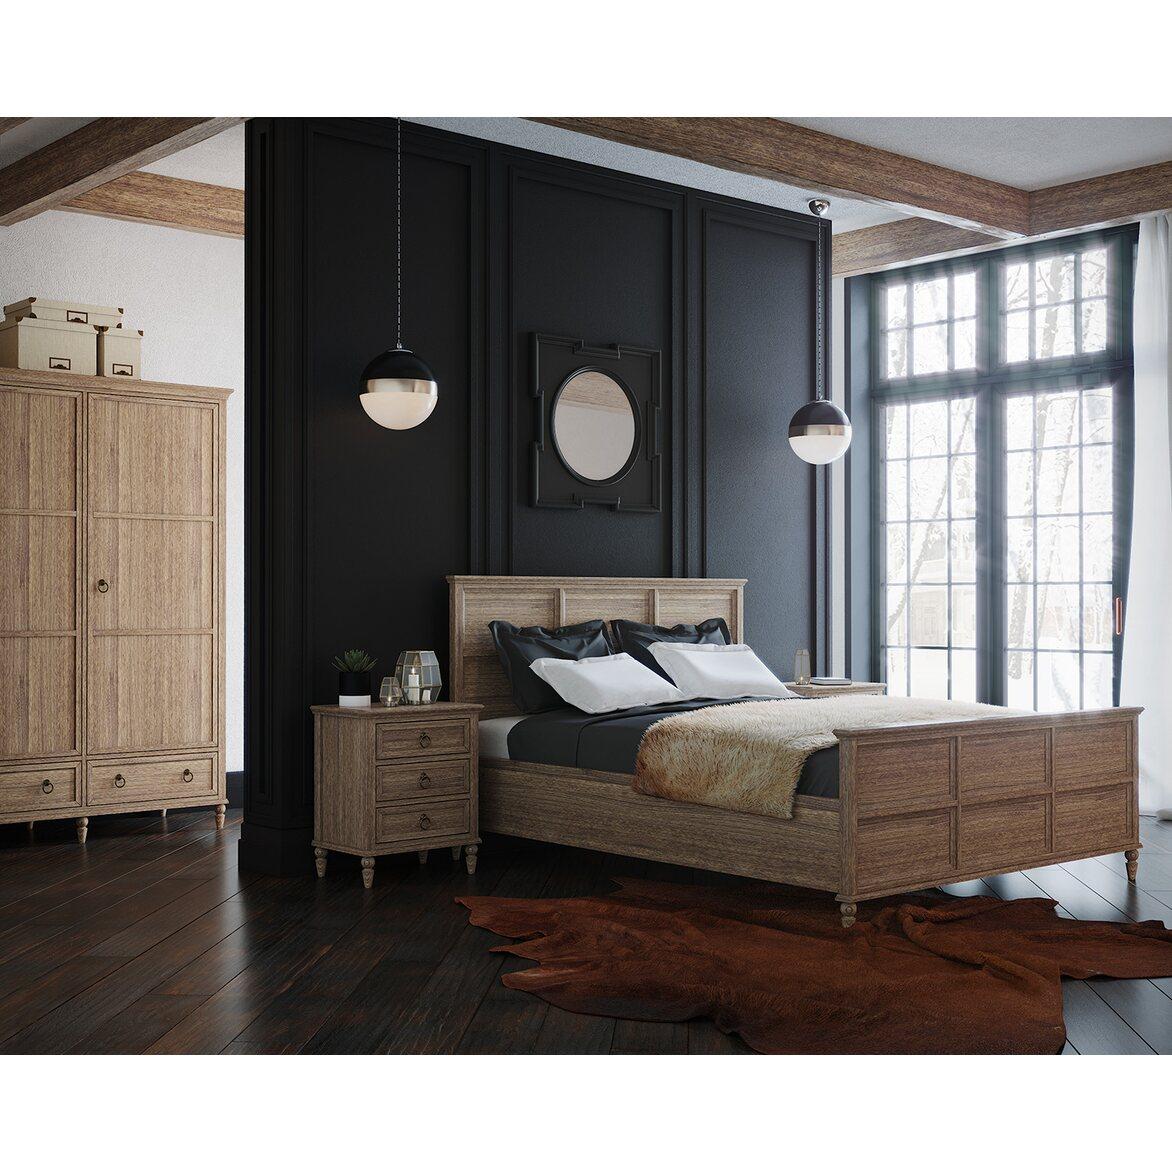 Кровать 160*200 Vilton, дуб 3   Двуспальные кровати Kingsby